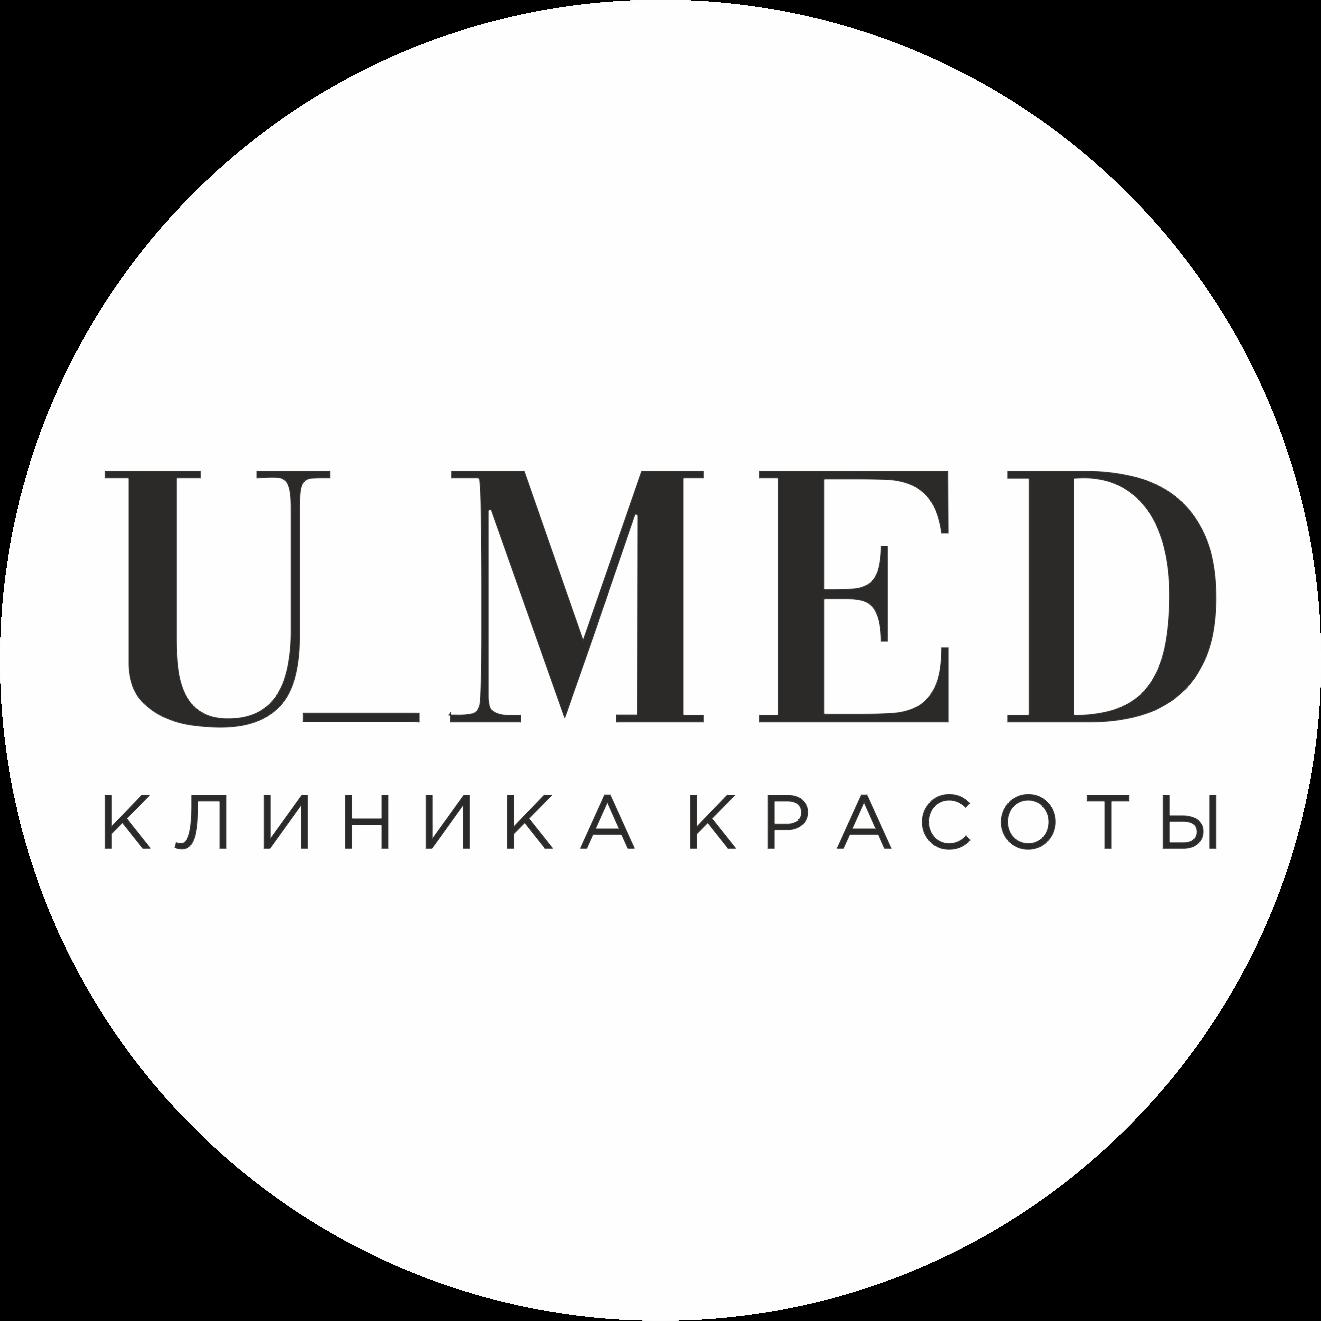 Логотип Umed